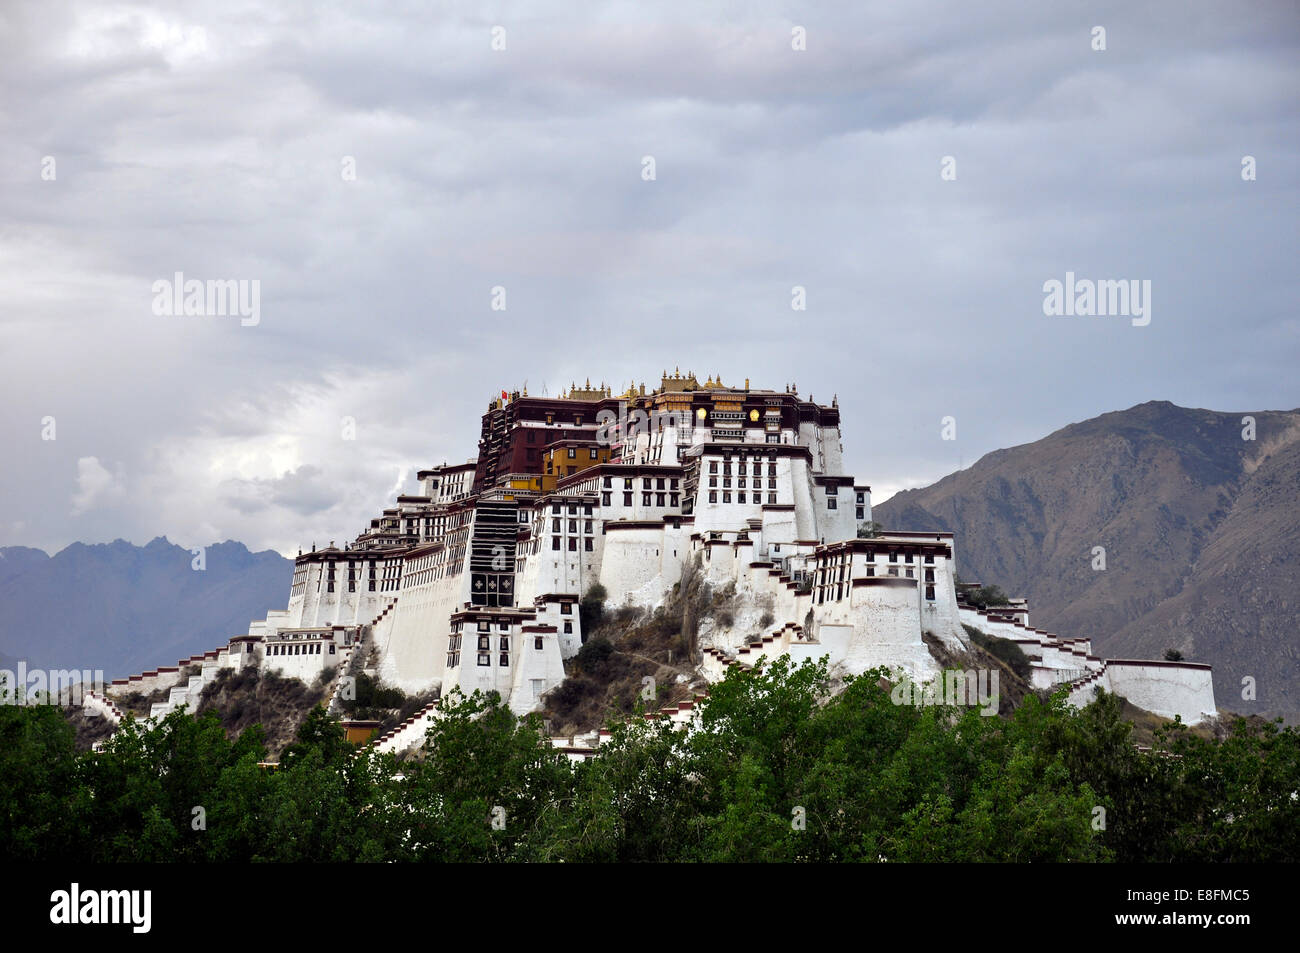 China, Tibet, Lhasa, Potala Place - Stock Image